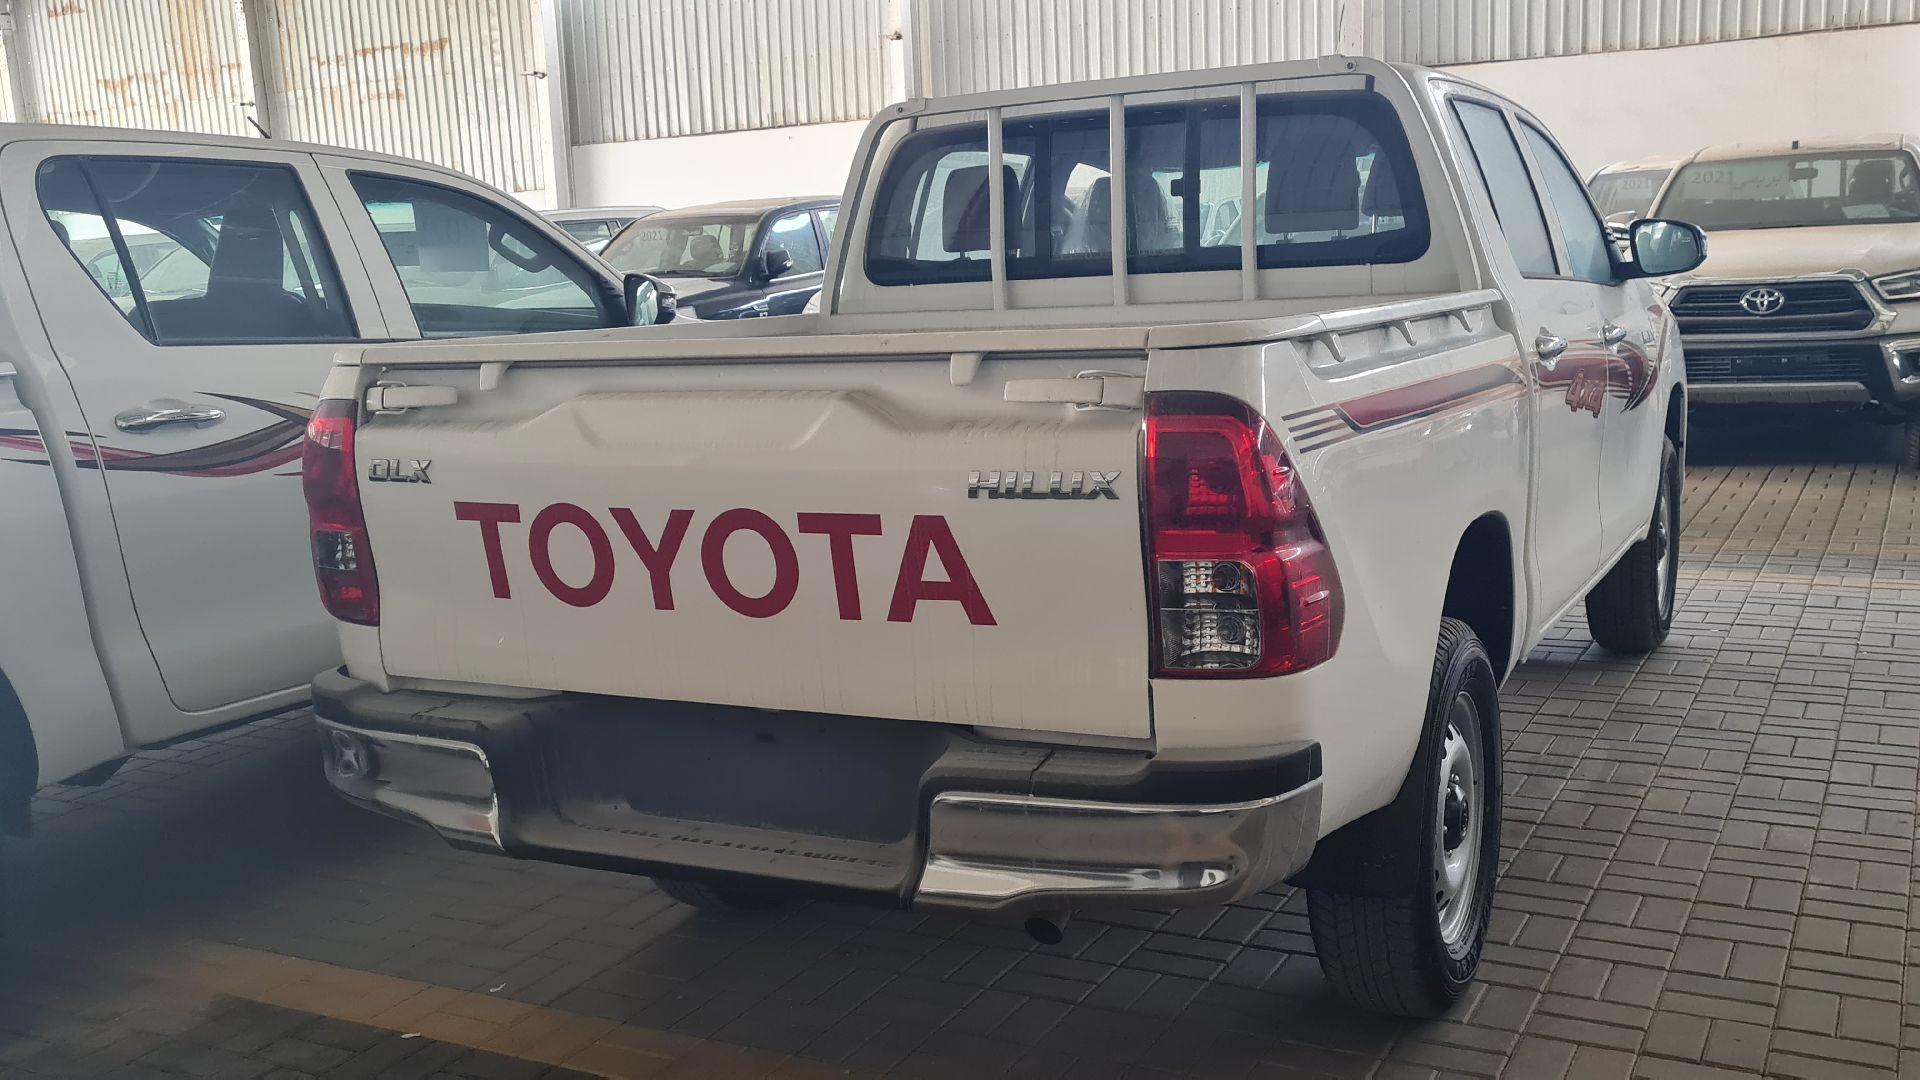 تويوتا هايلكس GL2 ستاندر 2021 دبل ديزل غمارتين خليجي جديد للبيع في الرياض - السعودية - صورة كبيرة - 4